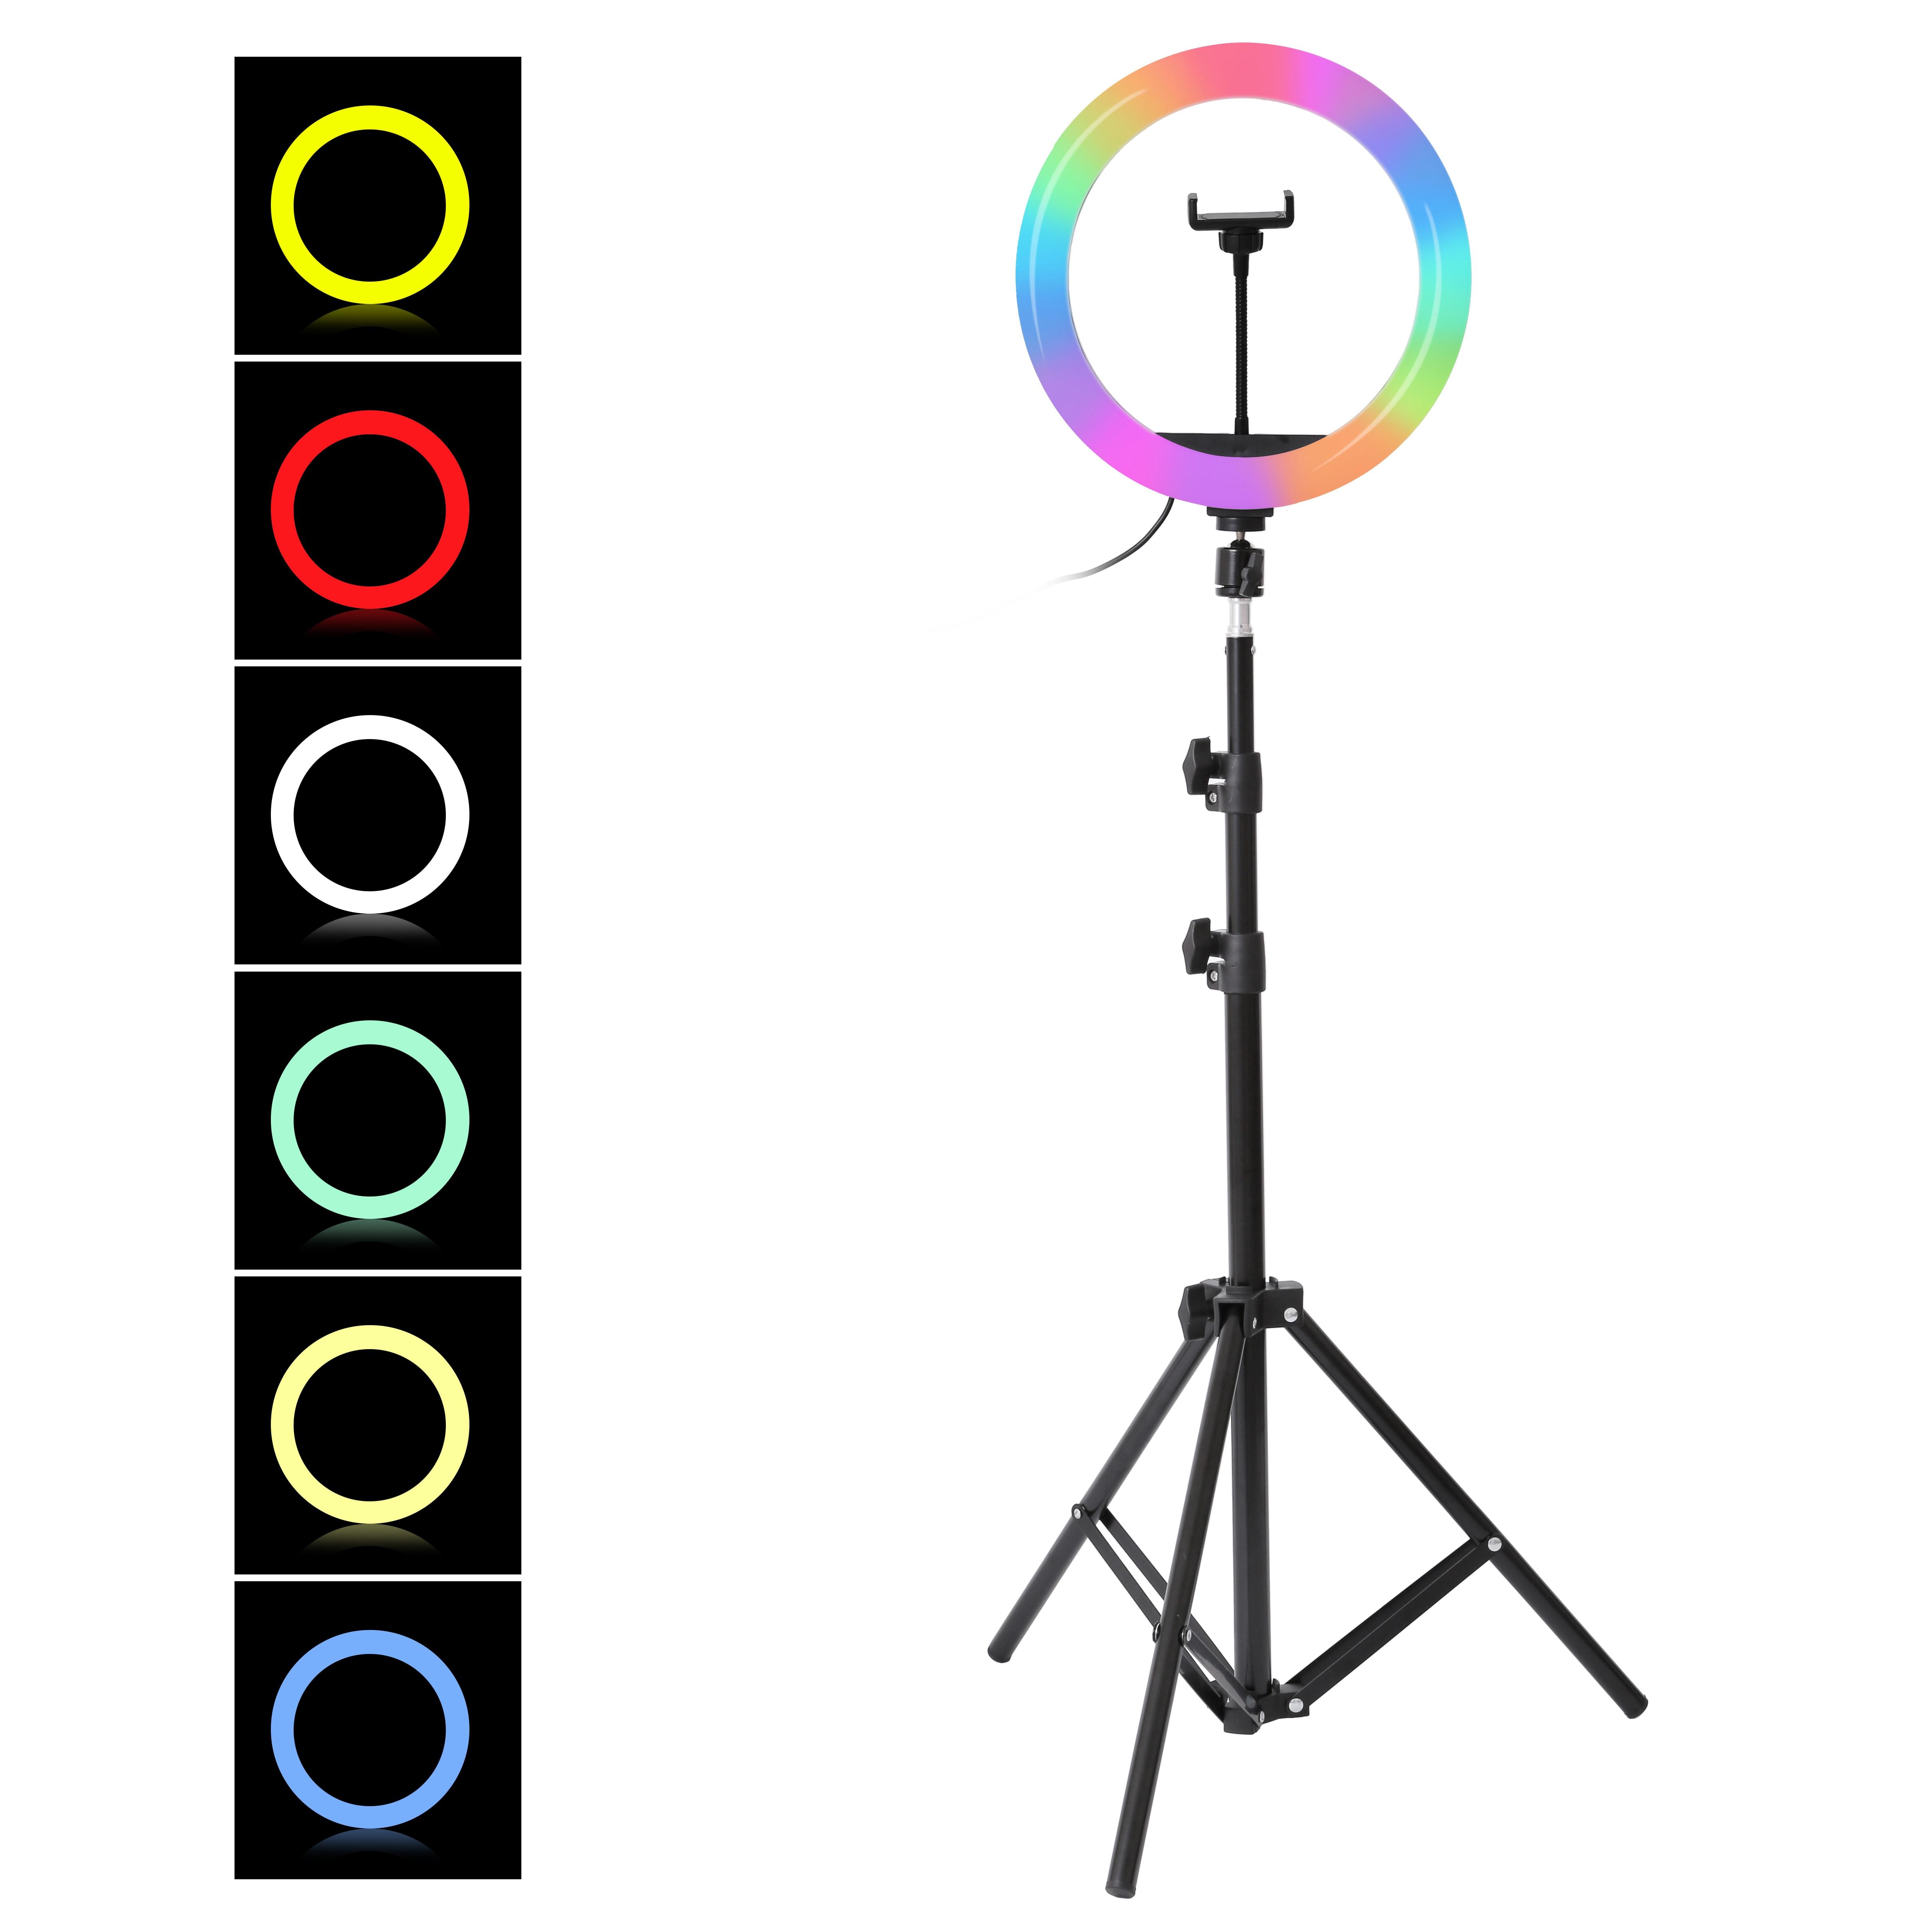 10 Polegada rgb selfie anel luz de preenchimento com tripé fotografia pode ser escurecido anel lâmpada para tiktok youtube maquiagem luzes vídeo